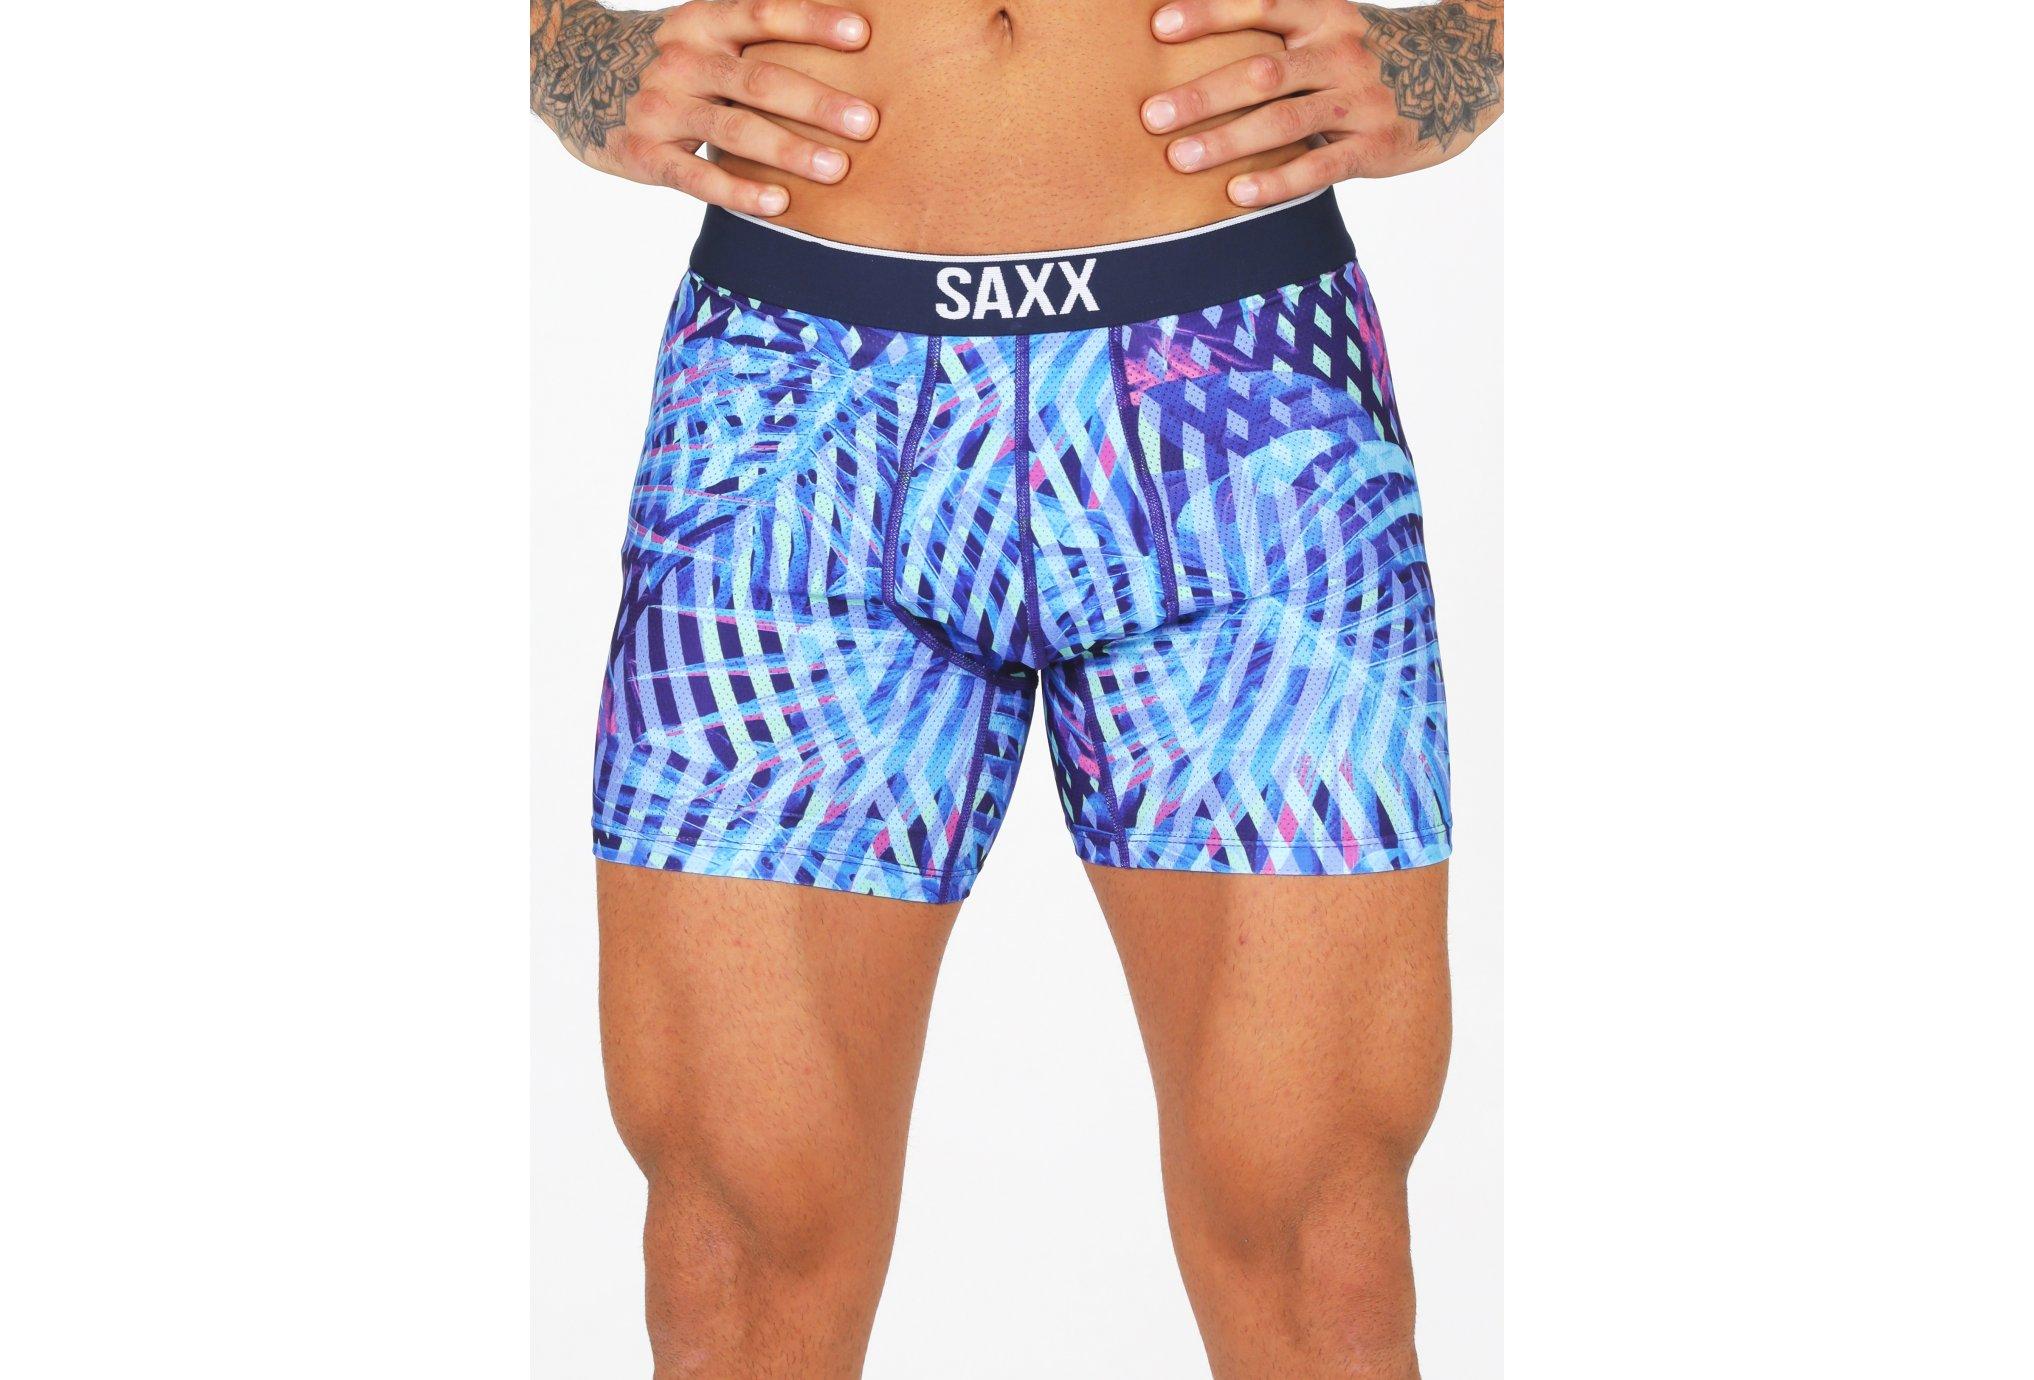 Saxx Volt M vêtement running homme